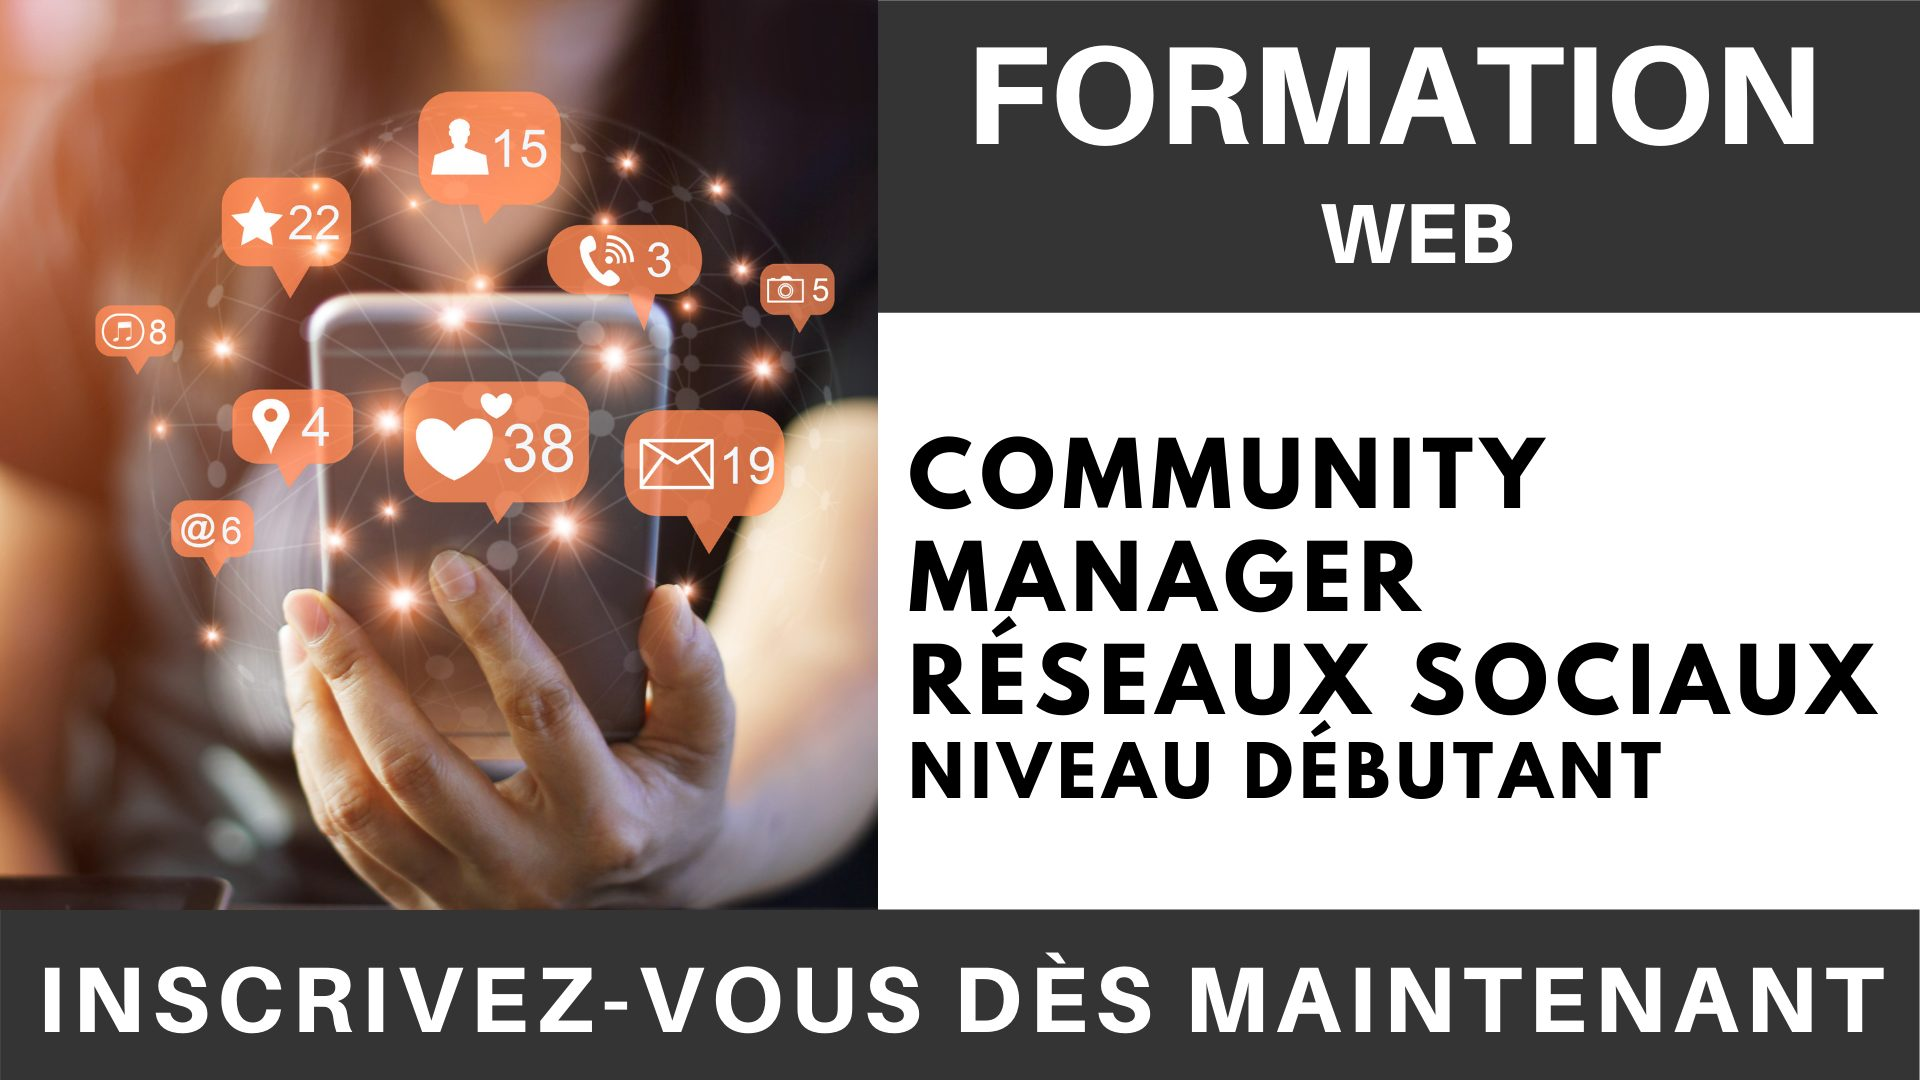 Formation WEB - Community Manager Réseaux sociaux Niveau Débutant